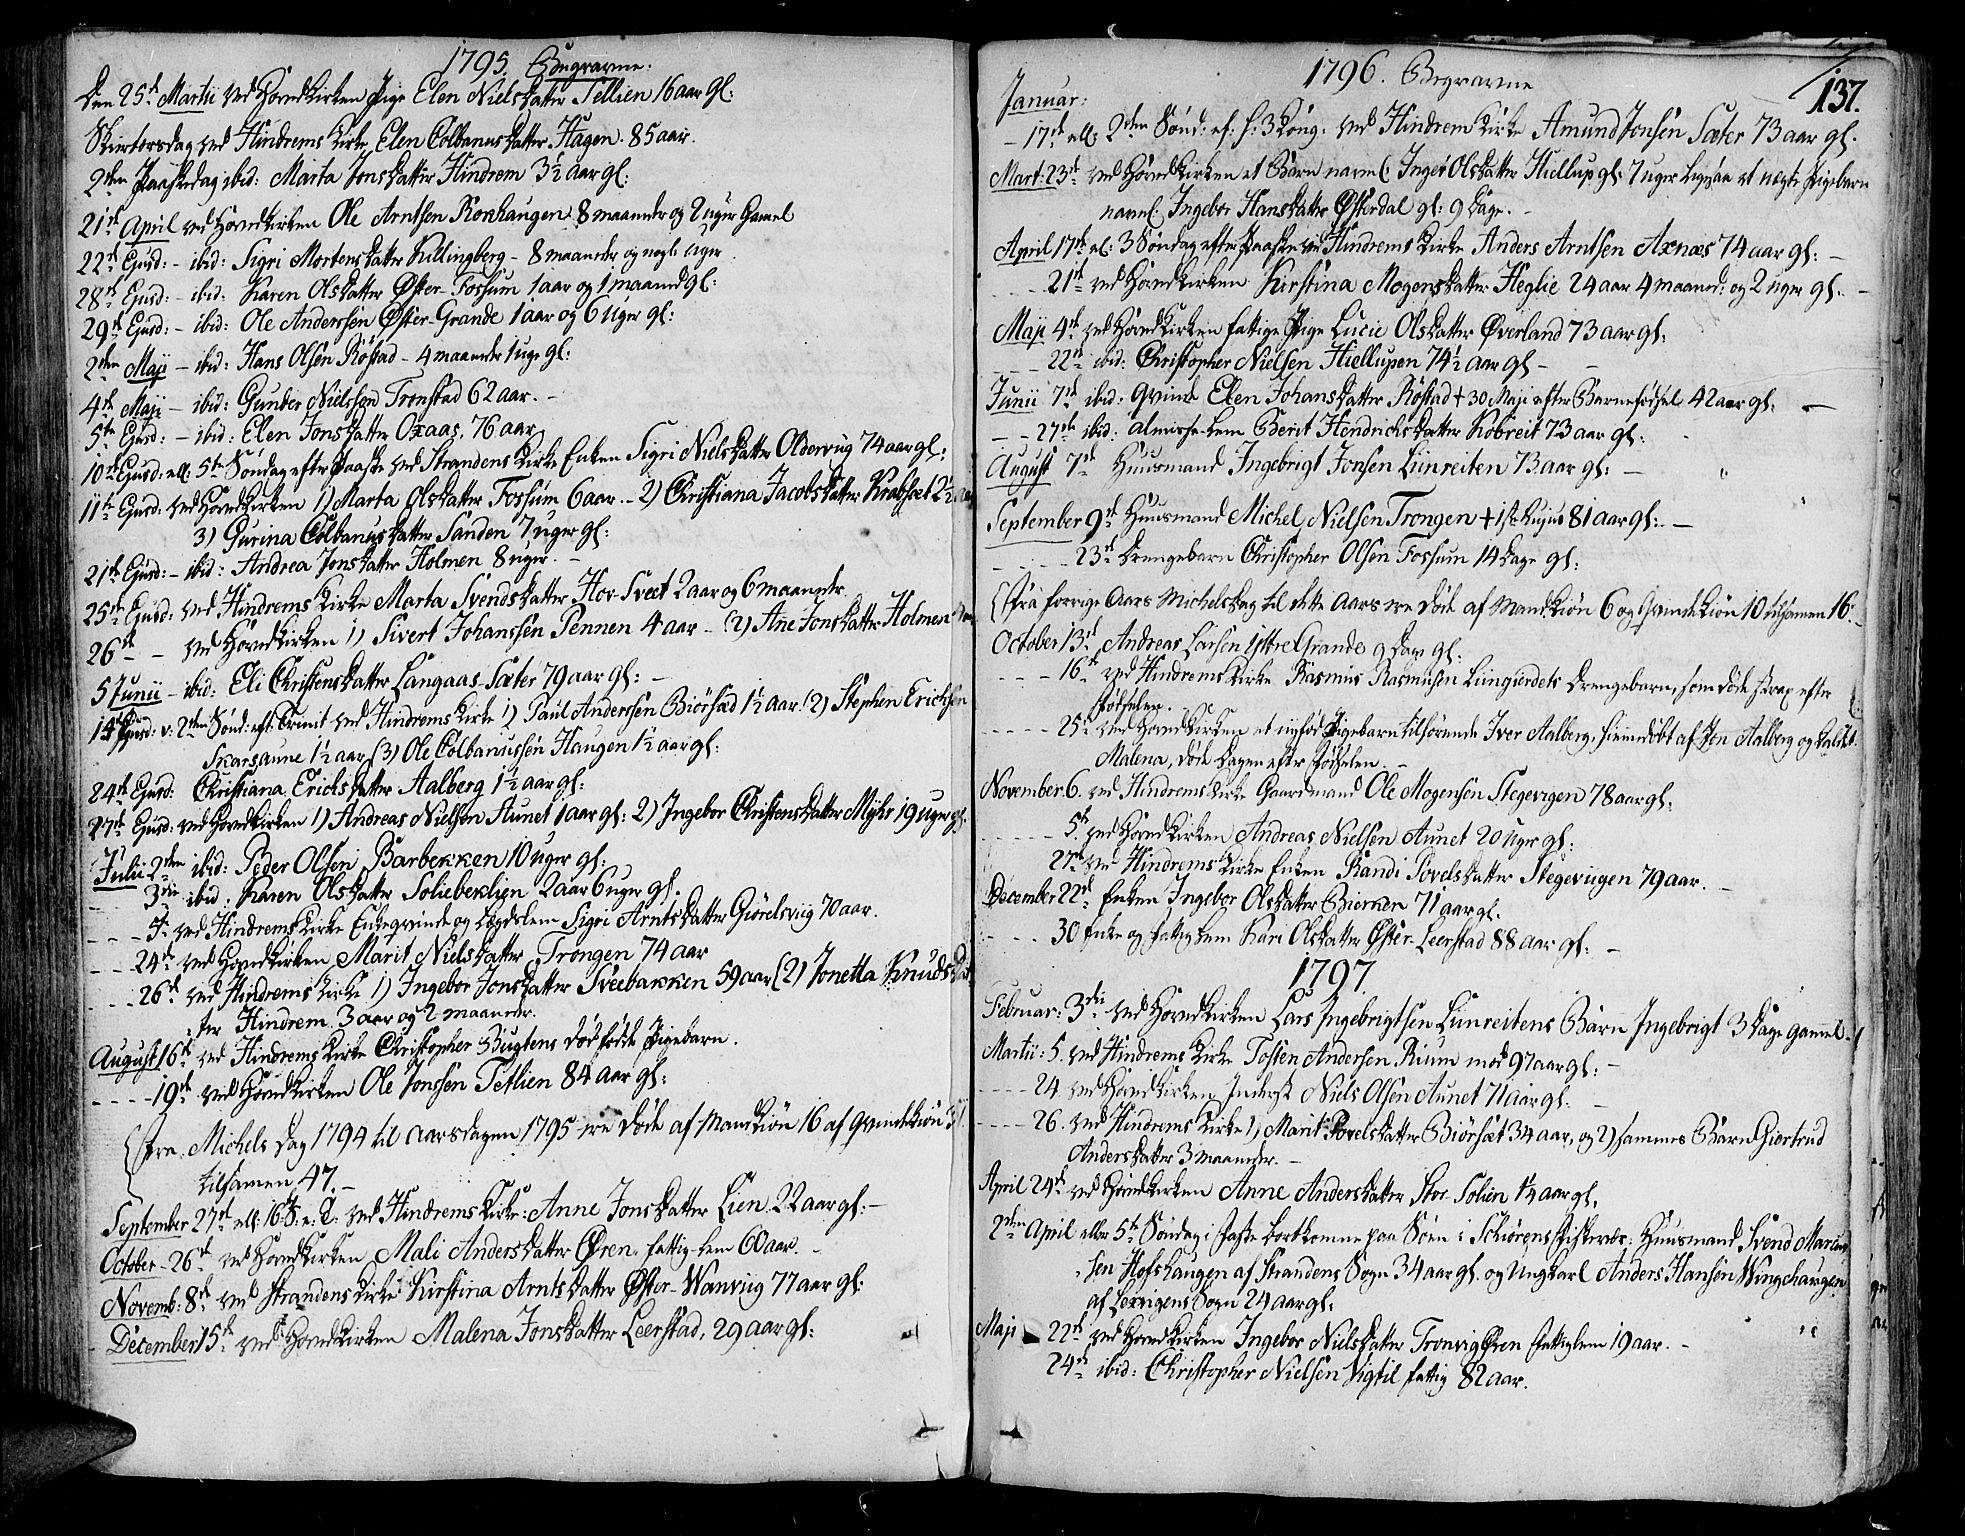 SAT, Ministerialprotokoller, klokkerbøker og fødselsregistre - Nord-Trøndelag, 701/L0004: Ministerialbok nr. 701A04, 1783-1816, s. 137